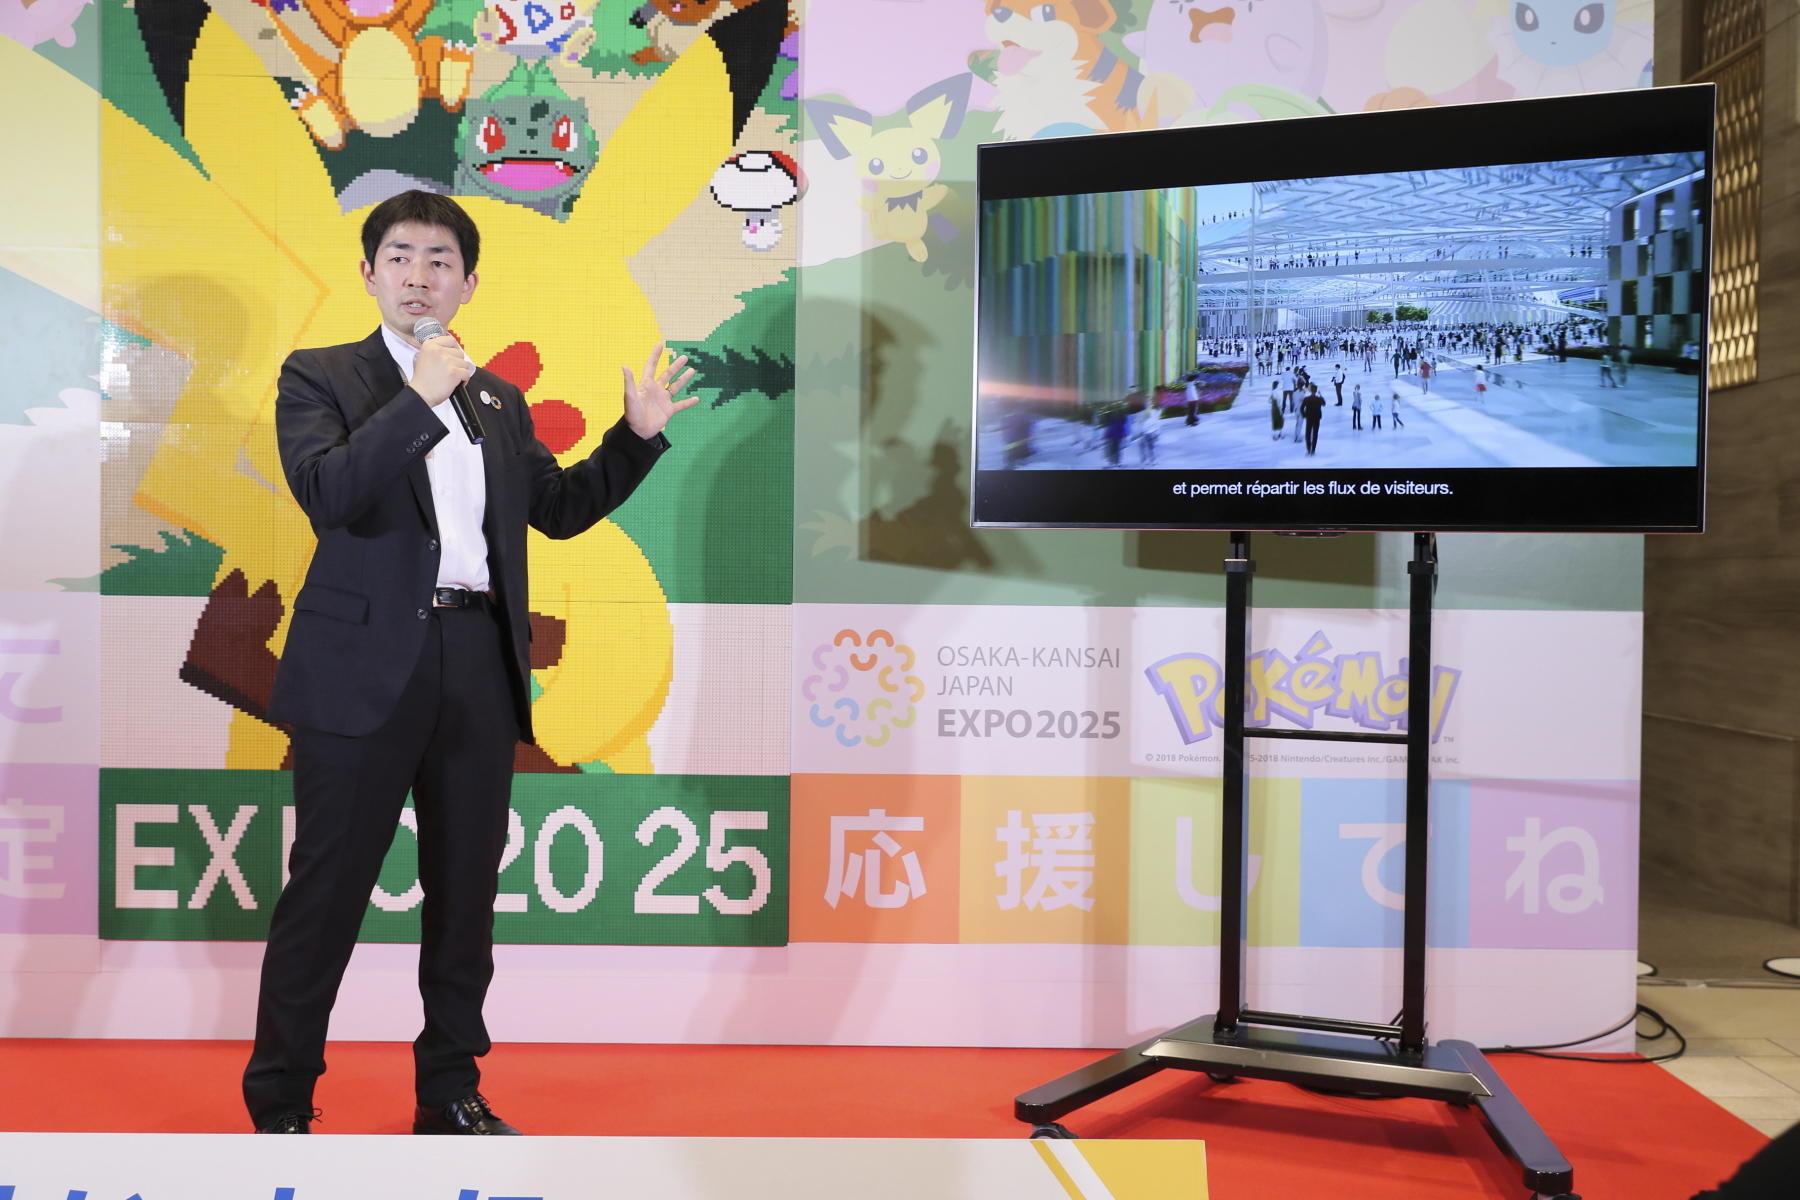 http://news.yoshimoto.co.jp/20180614195712-954187ddeb3ec98030a3236bb4594e22c00585b2.jpg